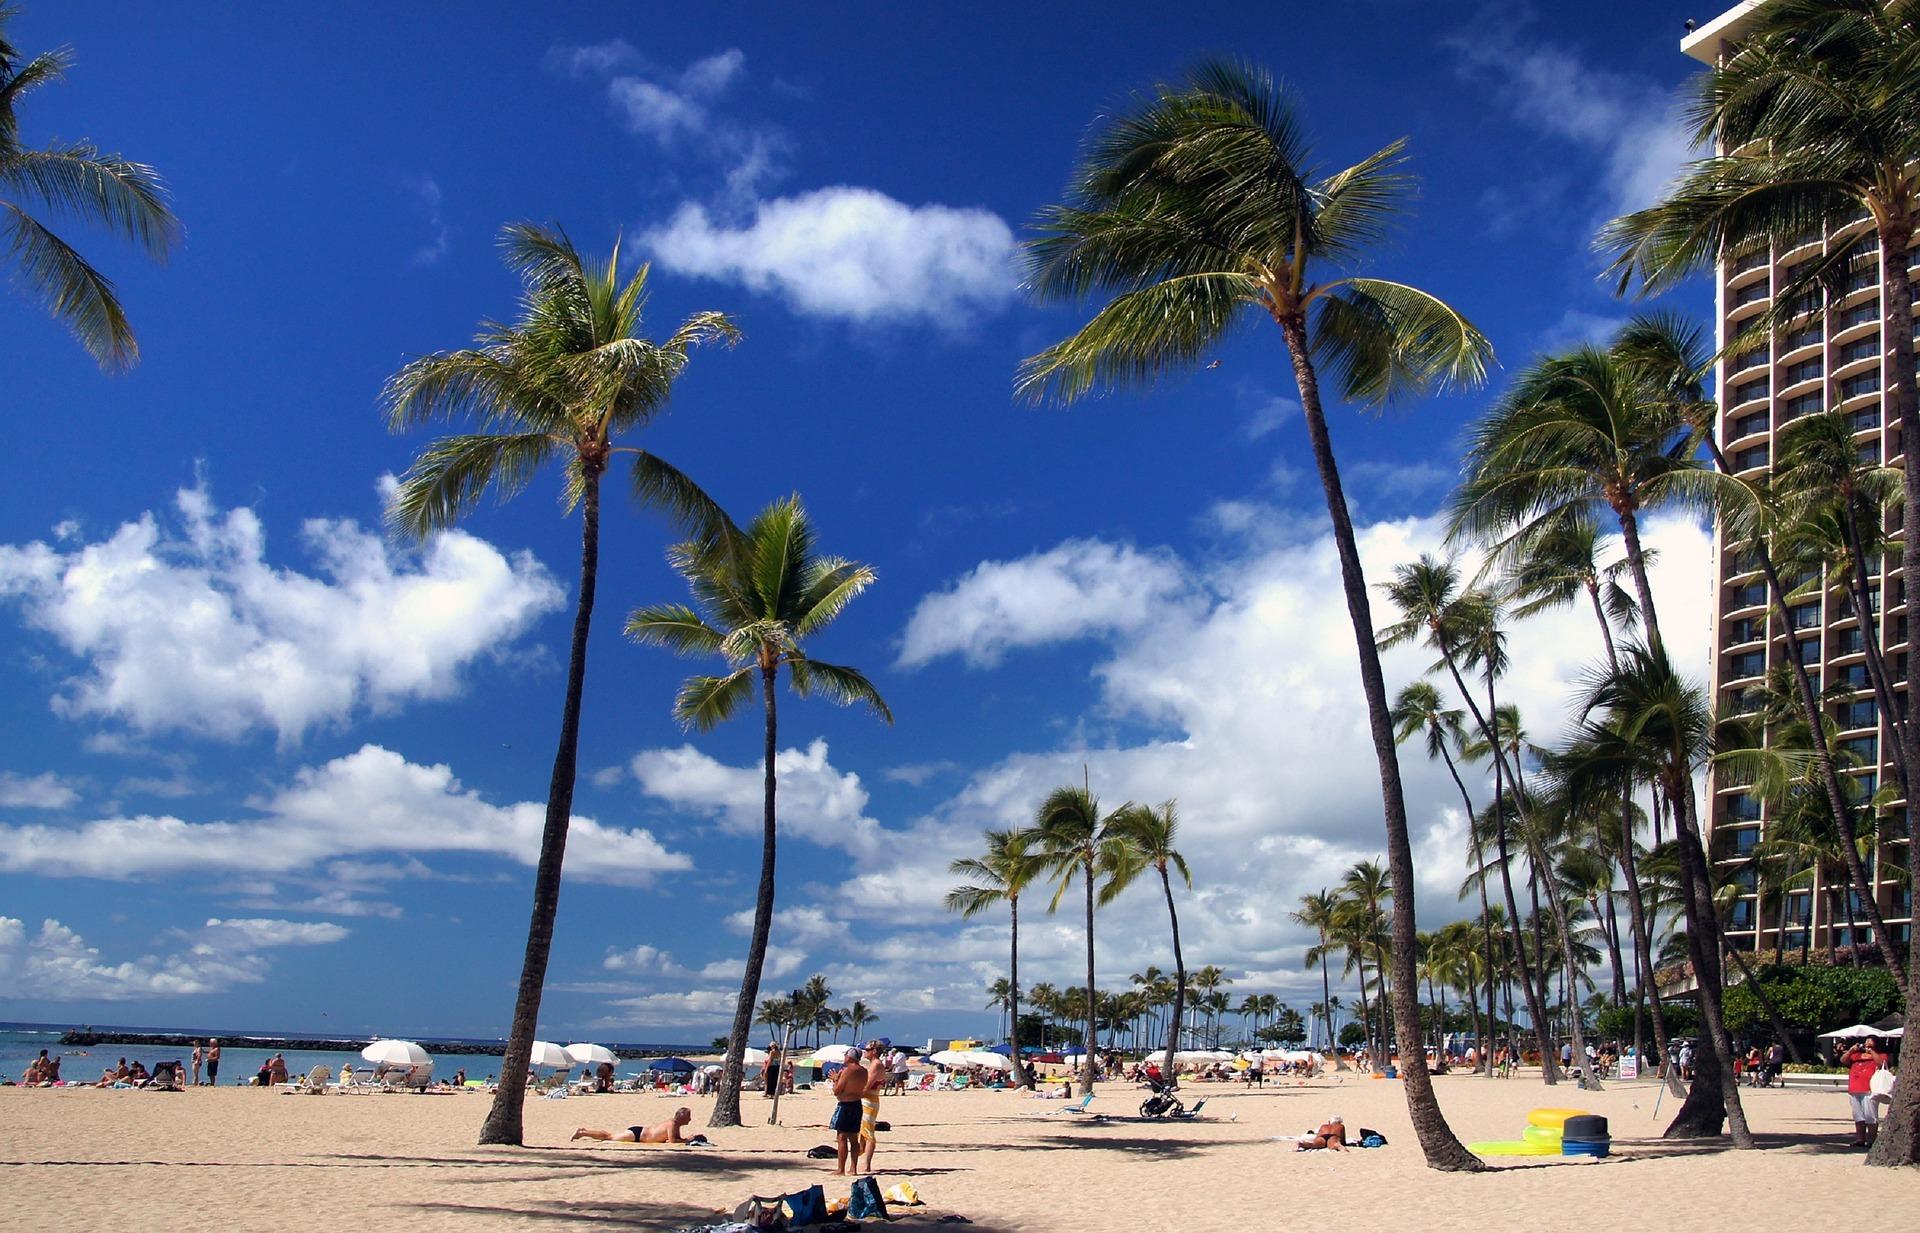 ハワイのビーチでのルールや注意点をご紹介!手荷物はどうする?